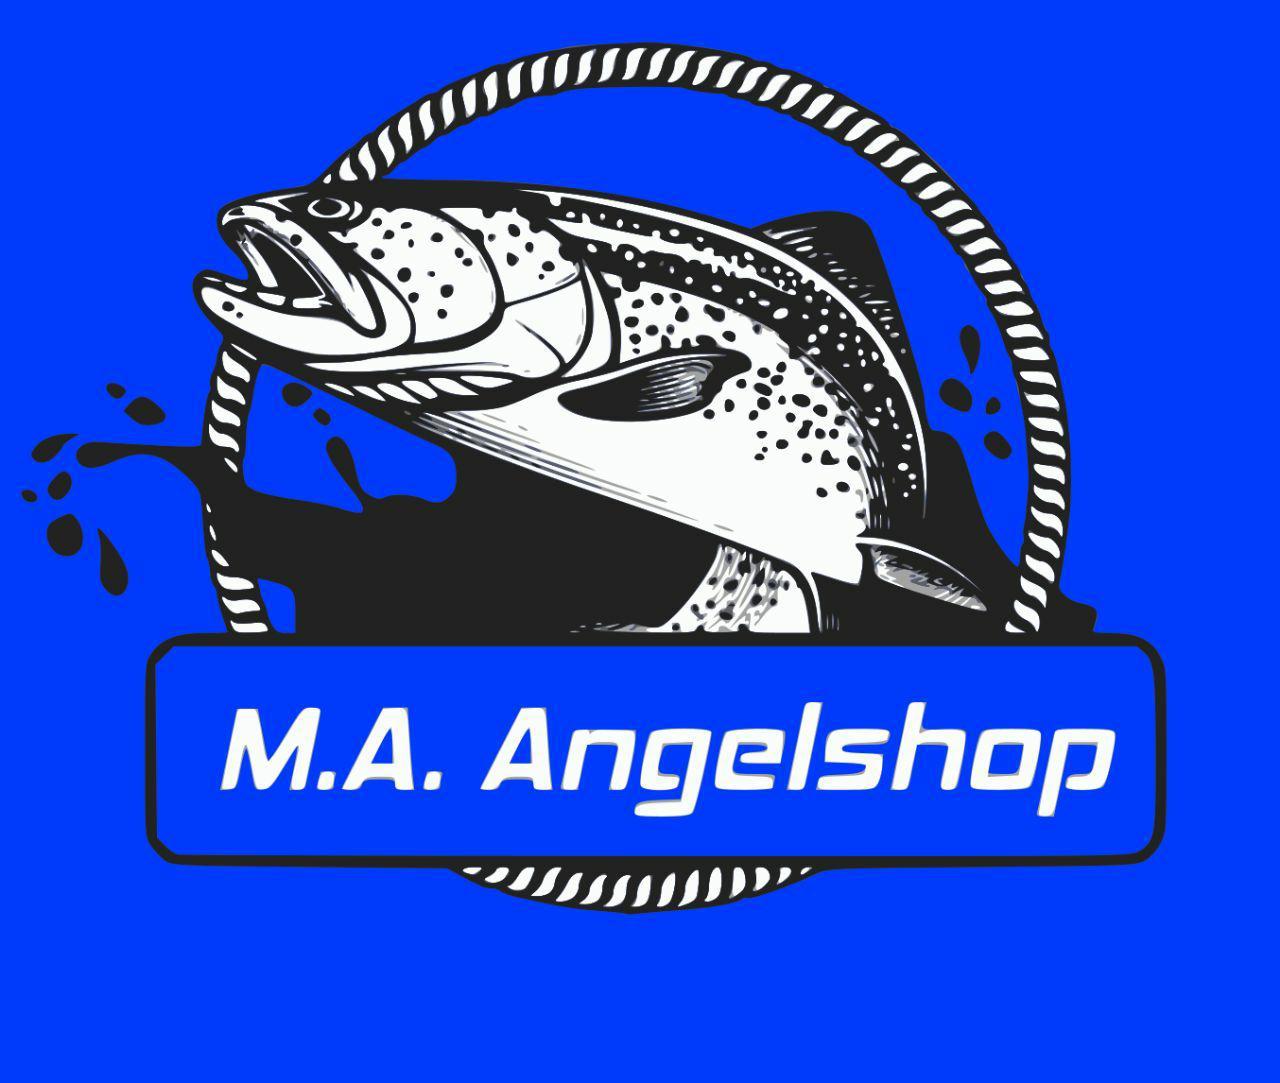 M.A - Angelshop